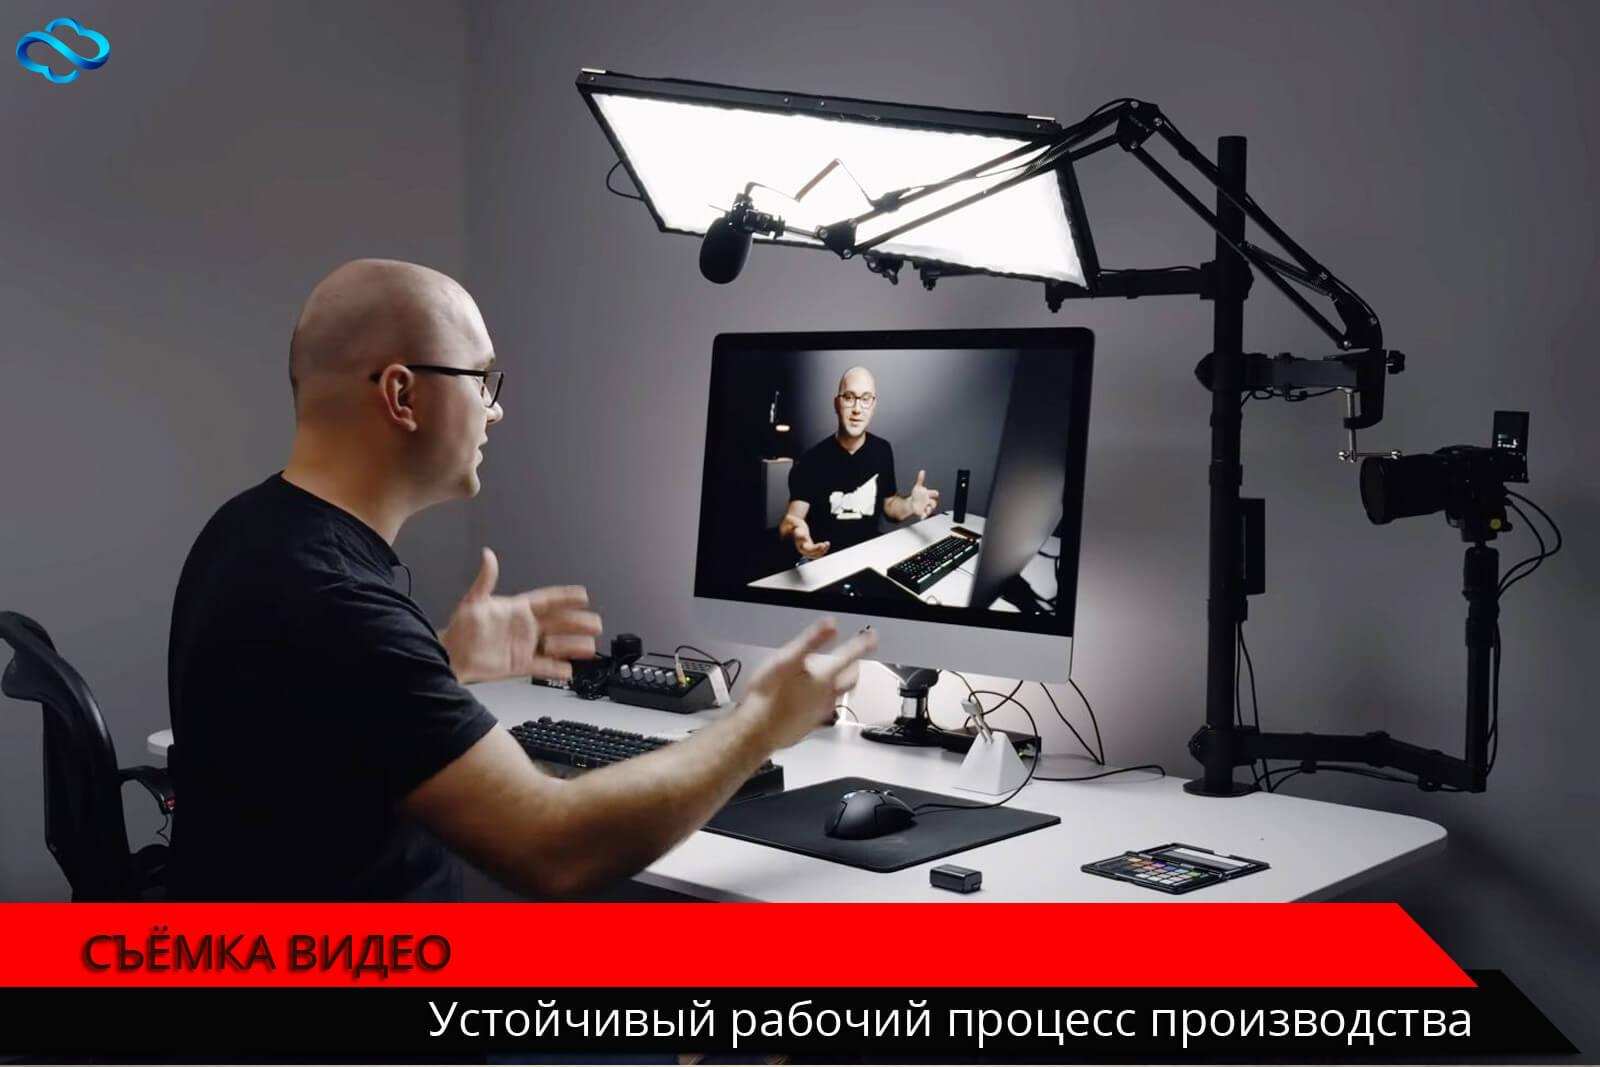 Съёмка видео-главная составляющая к продвижению своего YouTube канала